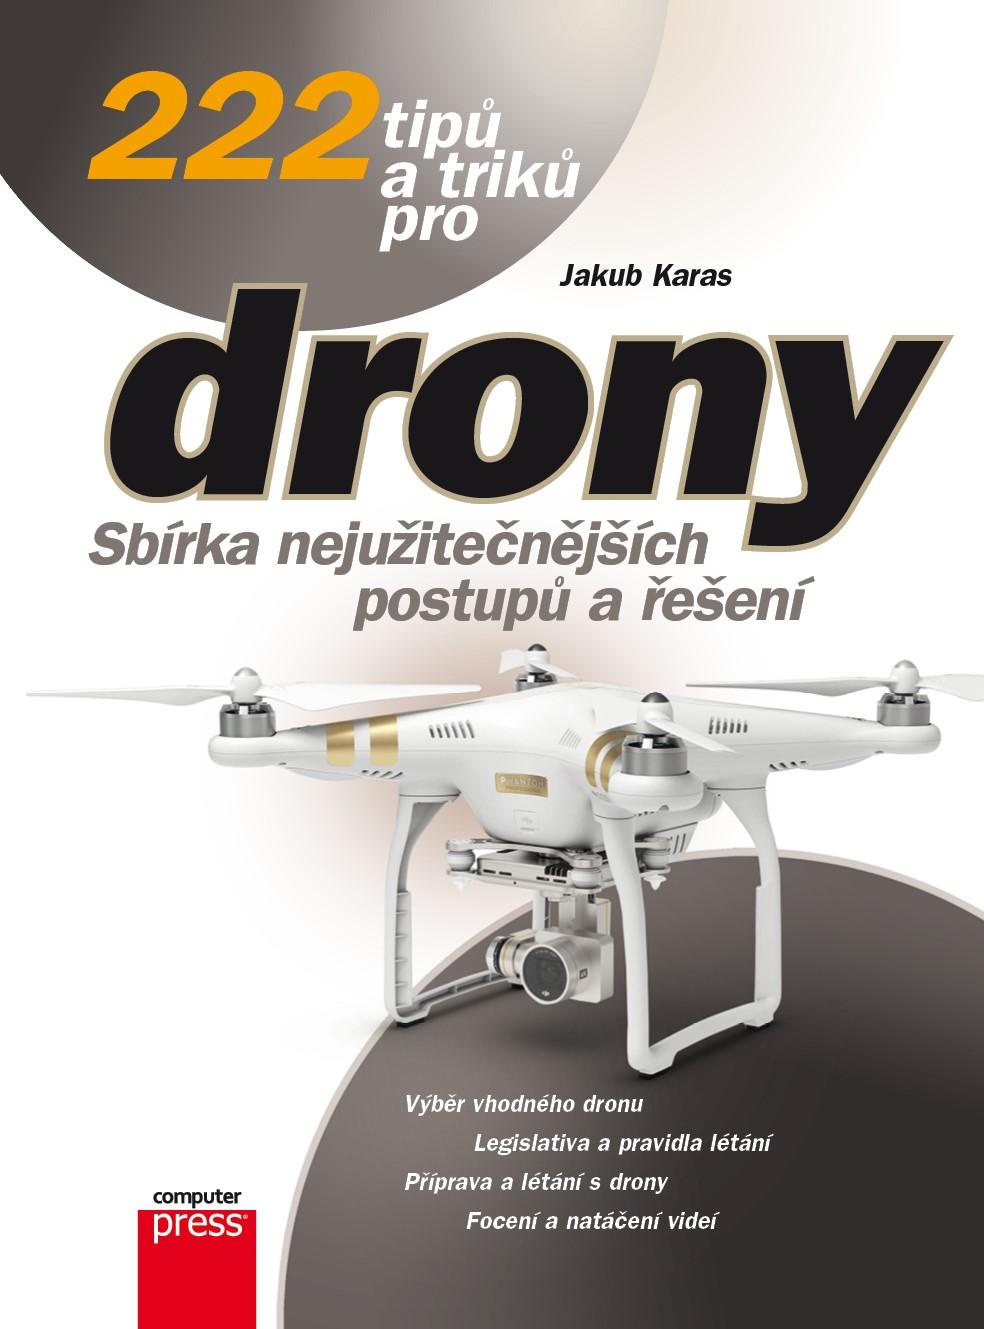 DRONY 222 TIPŮ A TRIKŮ